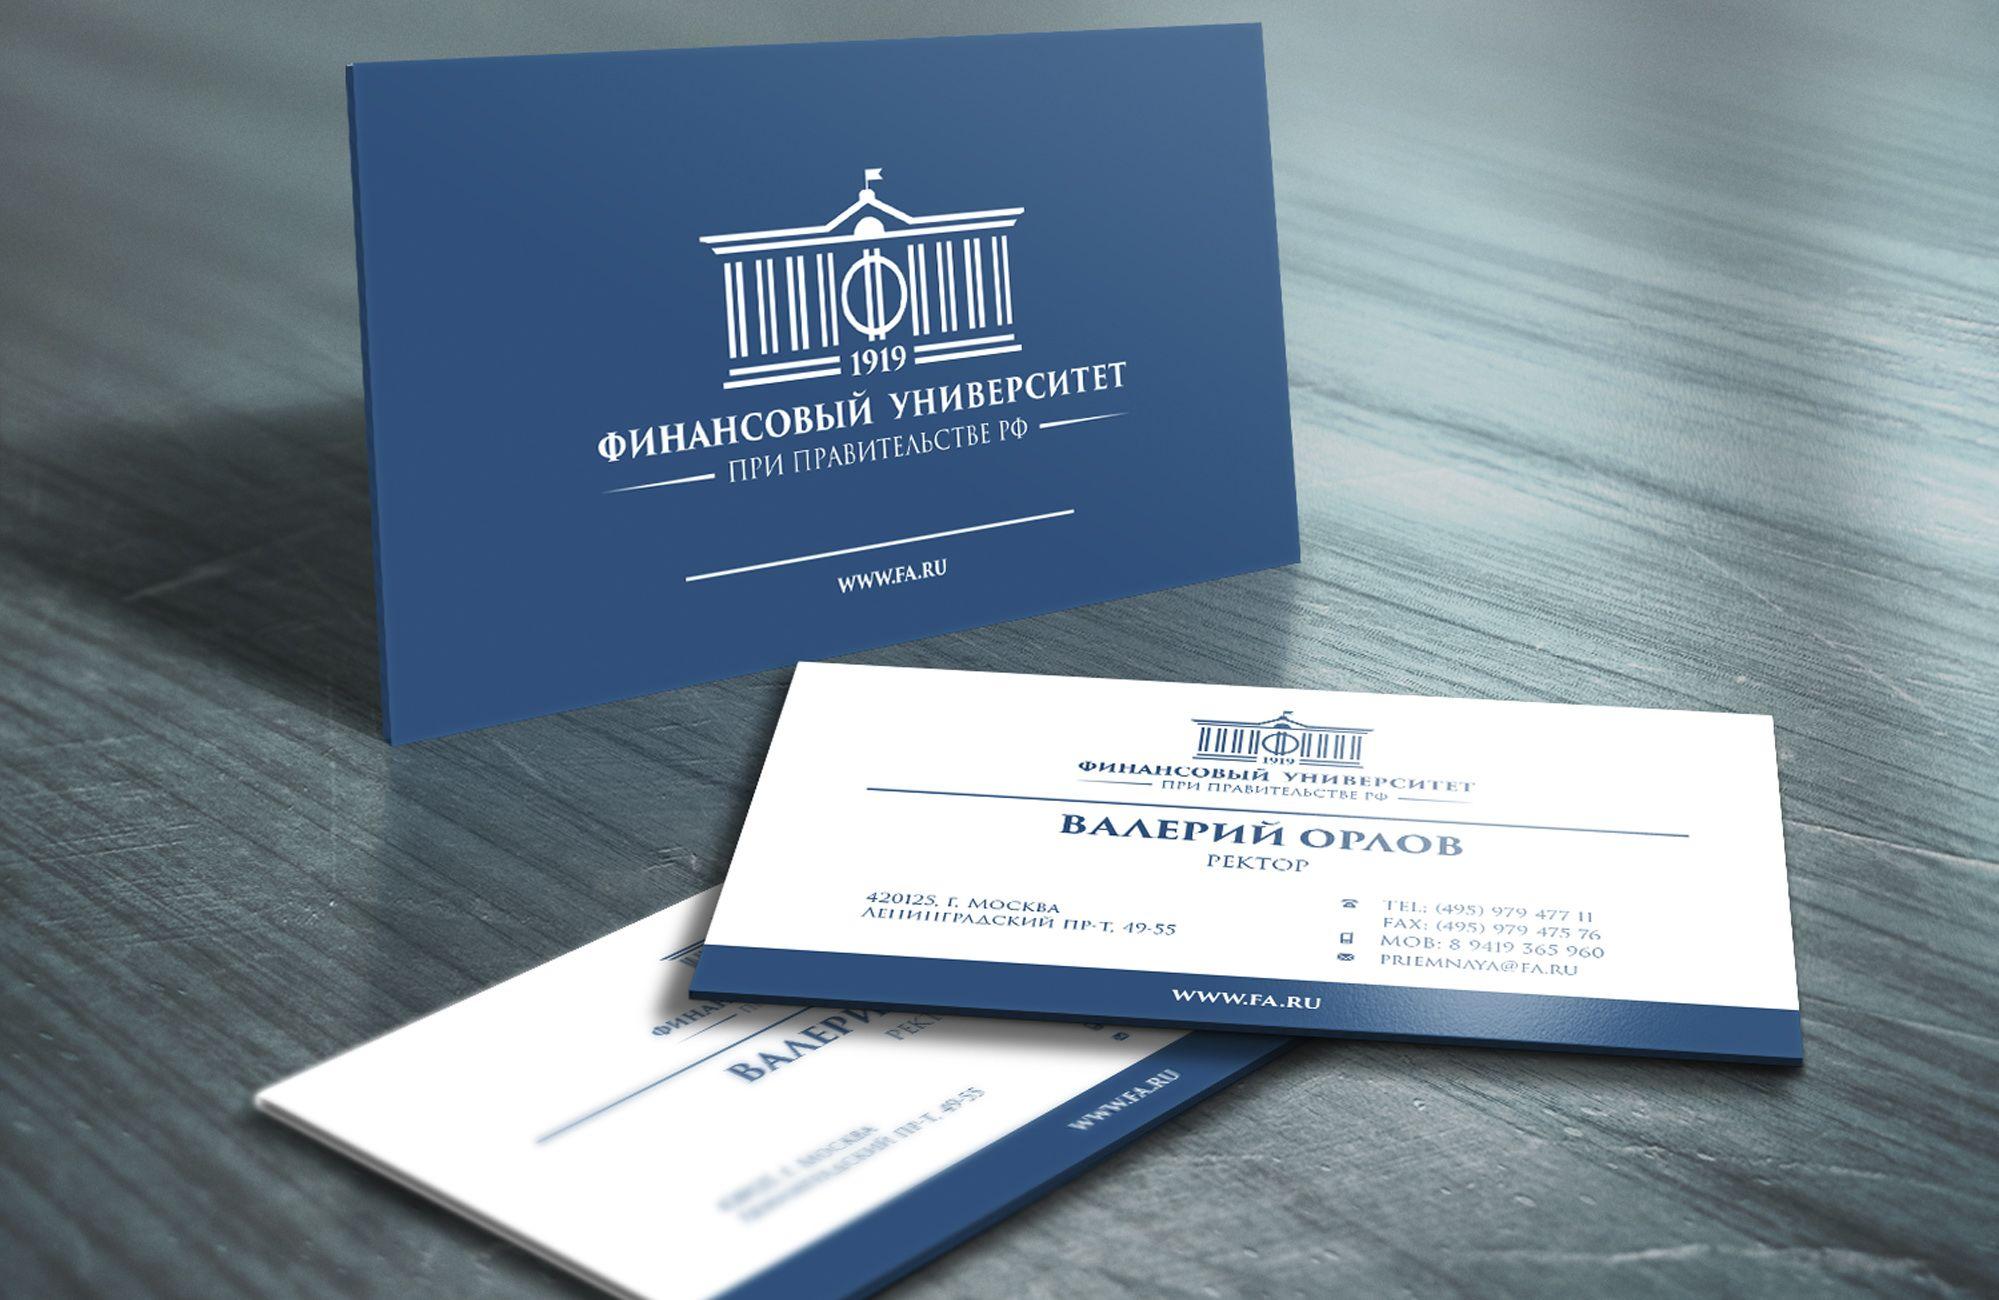 Лого и фирменный стиль для Финансовый университет при Правительстве РФ - дизайнер U4po4mak